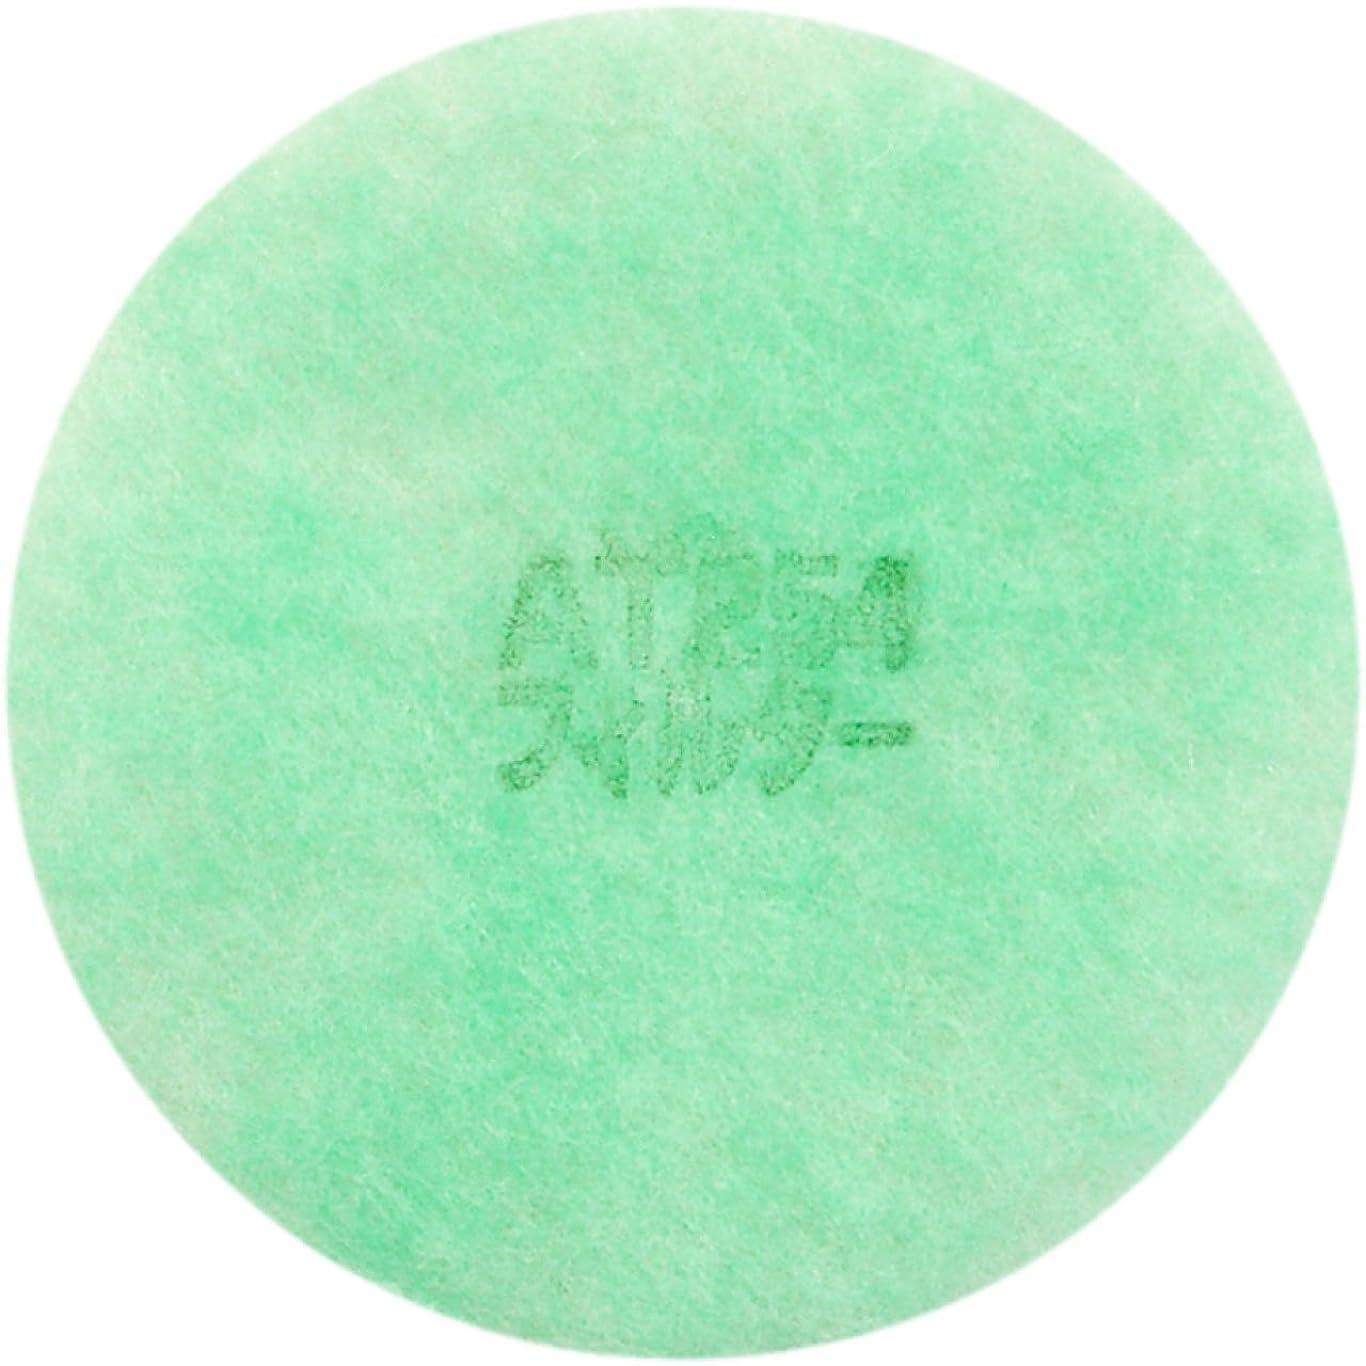 菊連続した商業のPM2.5対応 給気口グリル用AT254吸着フィルター 直径130mm×厚さ8mm ハーフパック 8枚入 KQP6